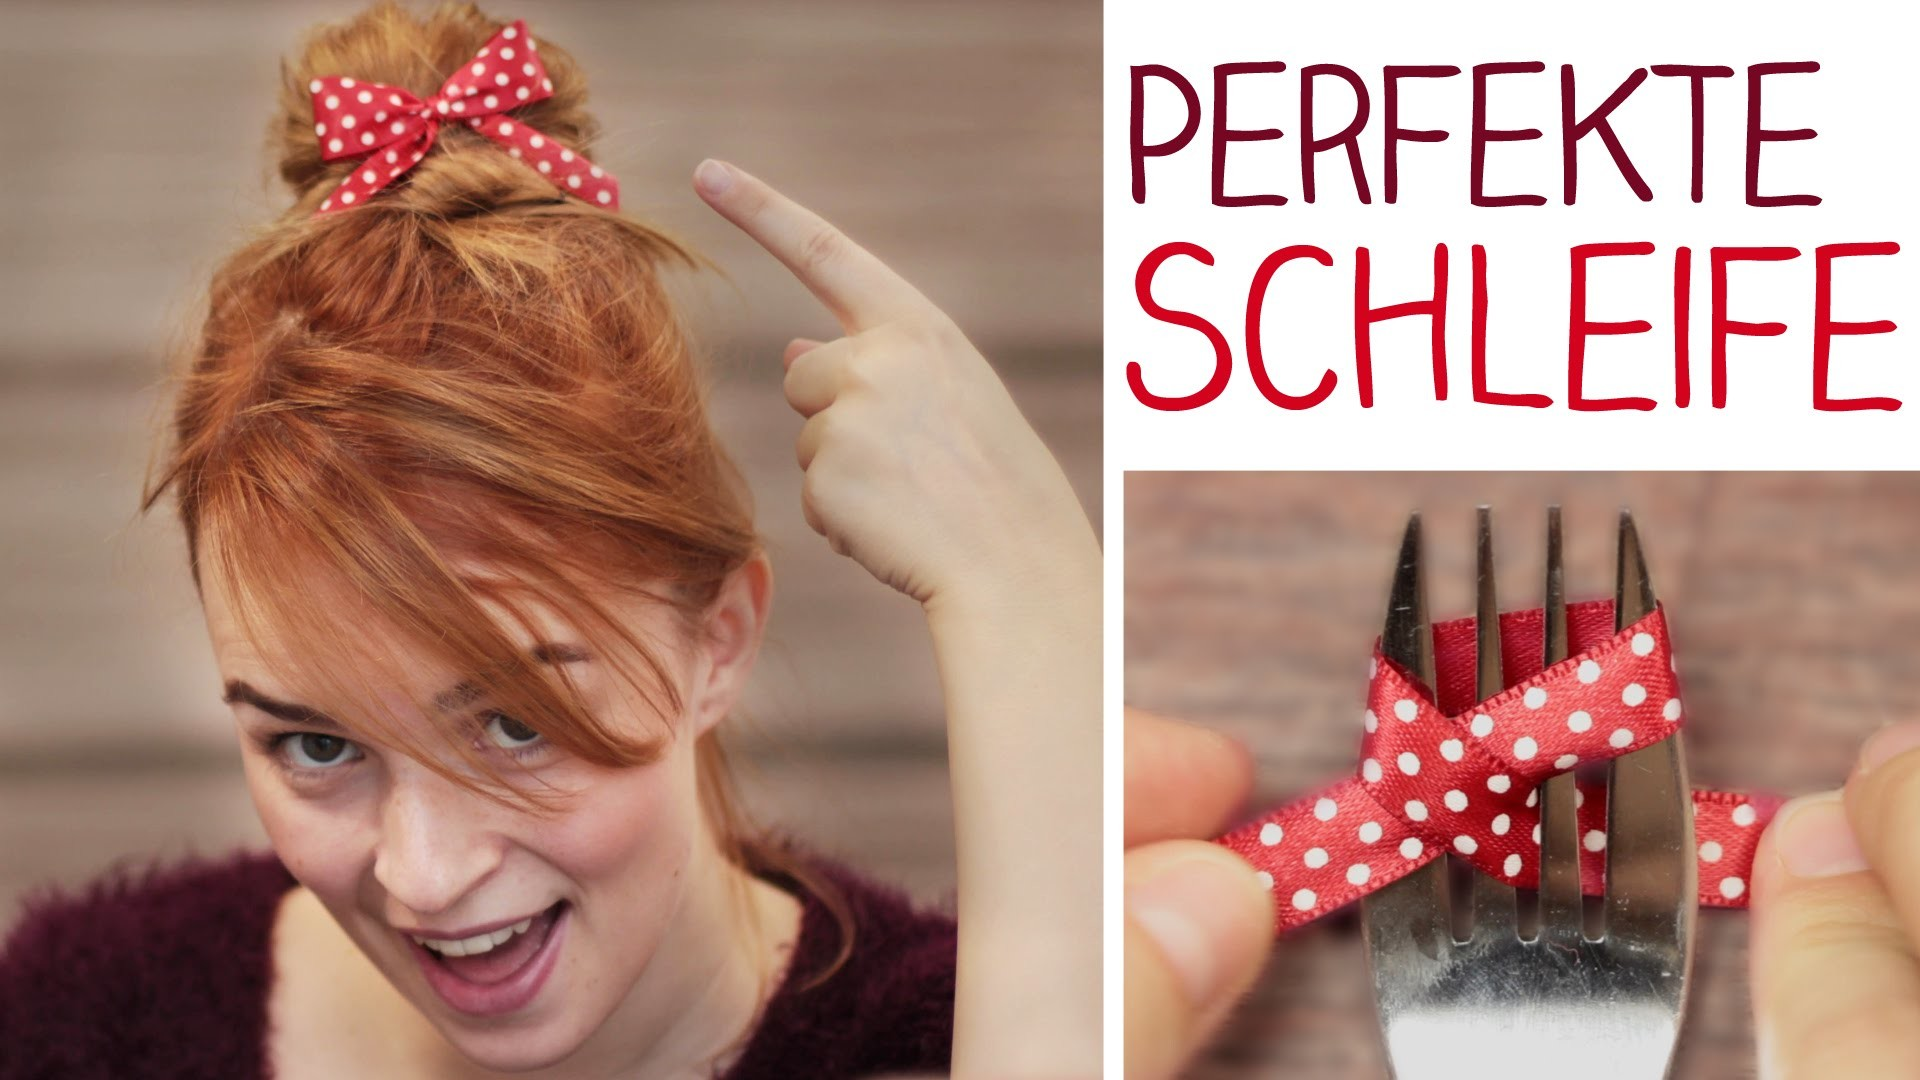 DIY perfekte Schleife in 30 Sek mit Gabel?! Haare,Geschenke,Deko - Weihnachten - alive4fashion